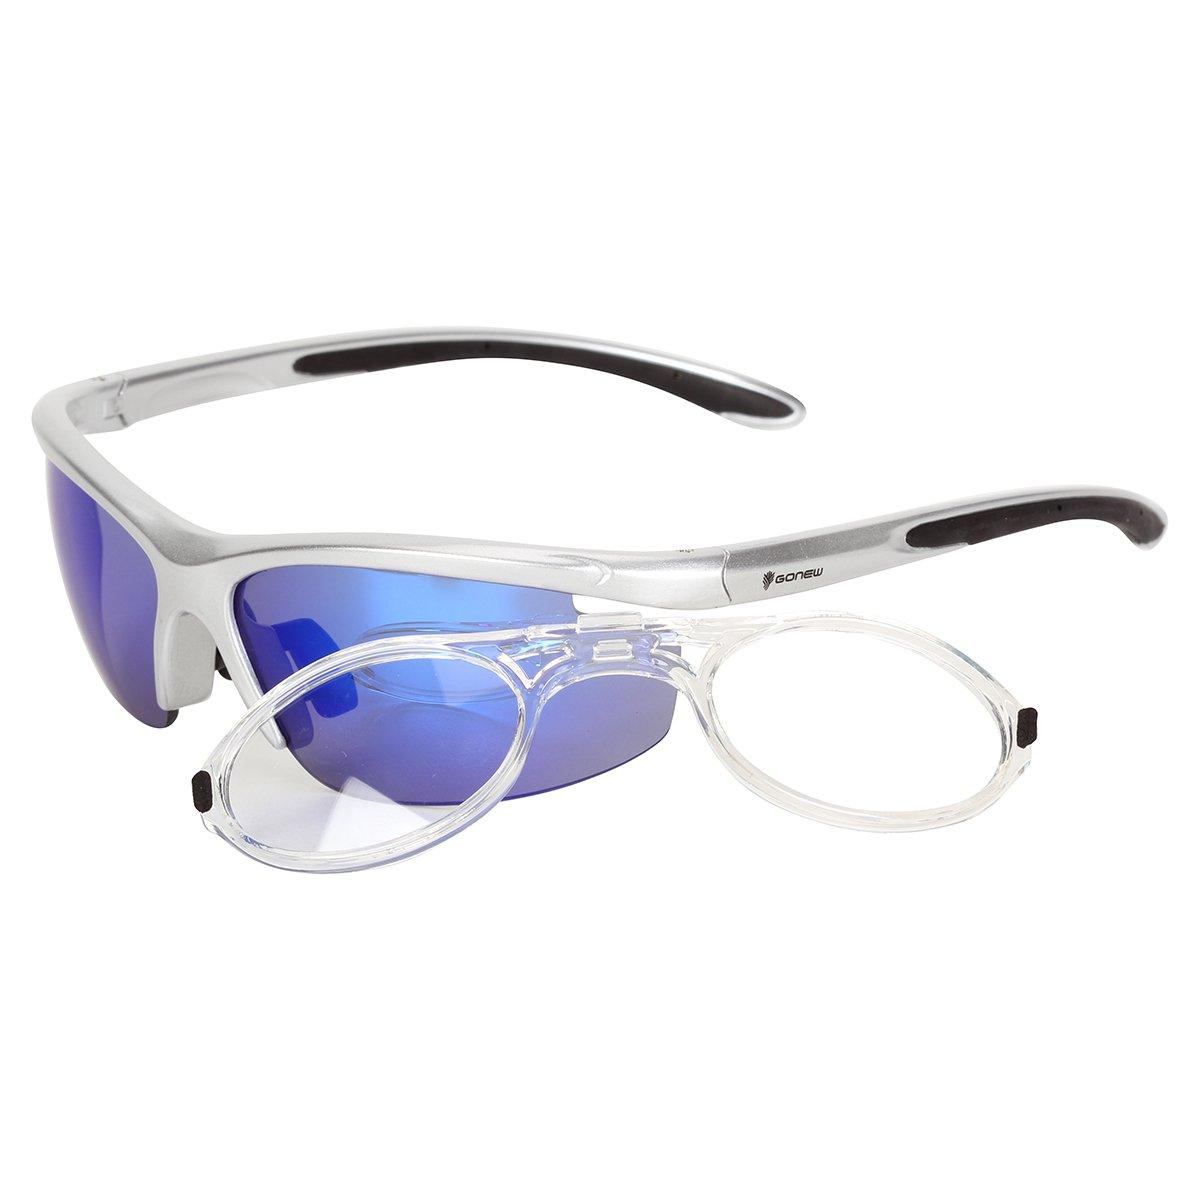 Óculos Gonew Fitter com Clip para Grau Removível - Polarizado   Livelo -Sua  Vida com Mais Recompensas ef799122c5